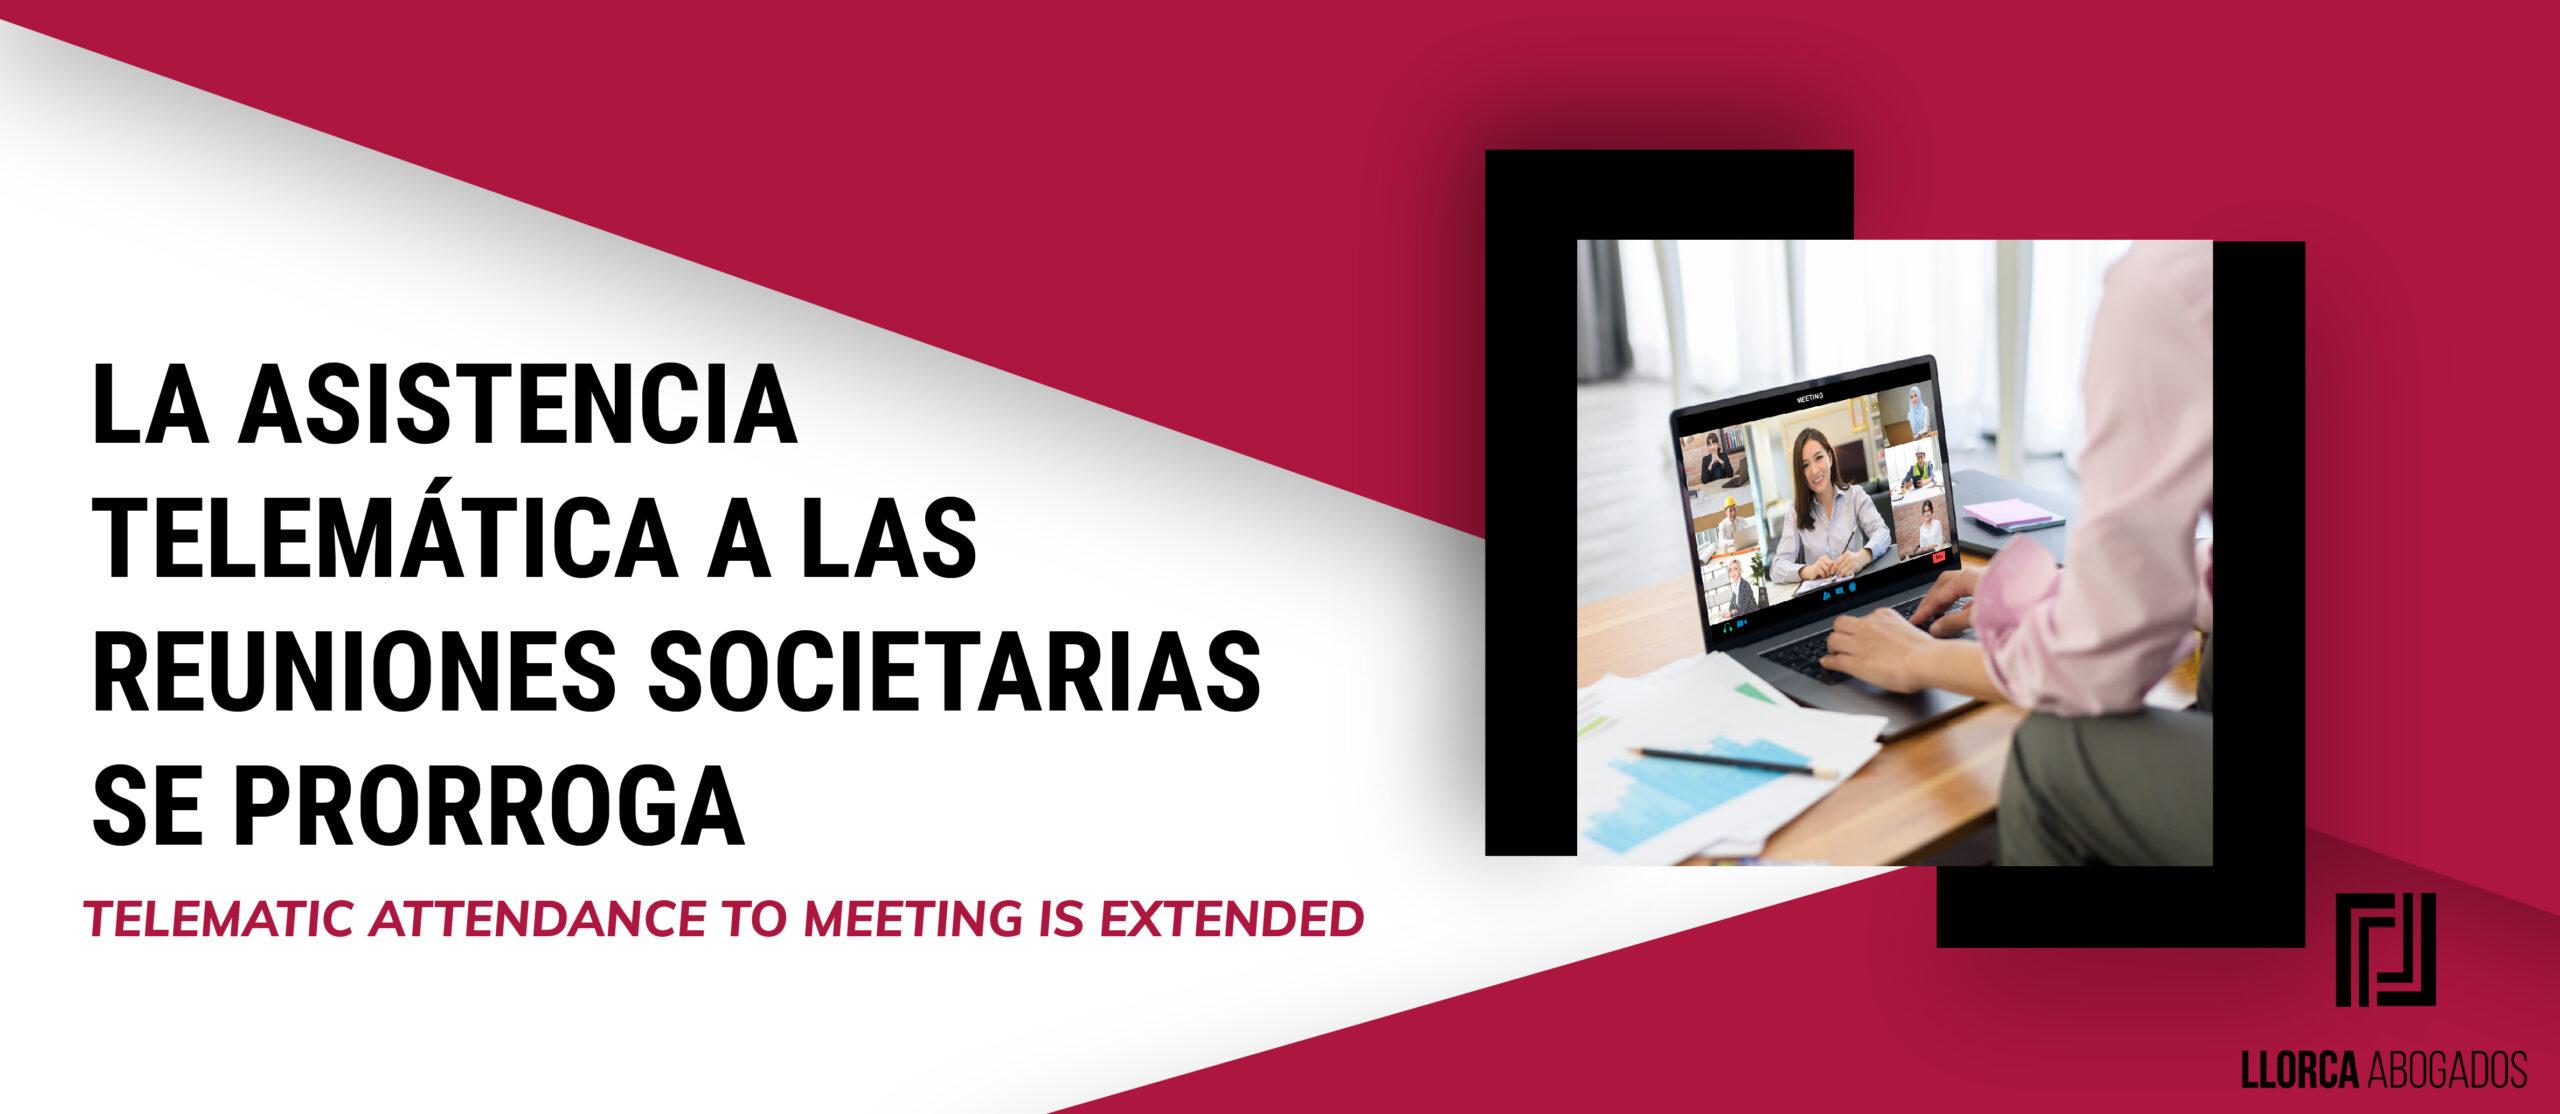 COVID-19: La asistencia telemática a las reuniones se extiende hasta el 31 de diciembre de 2021